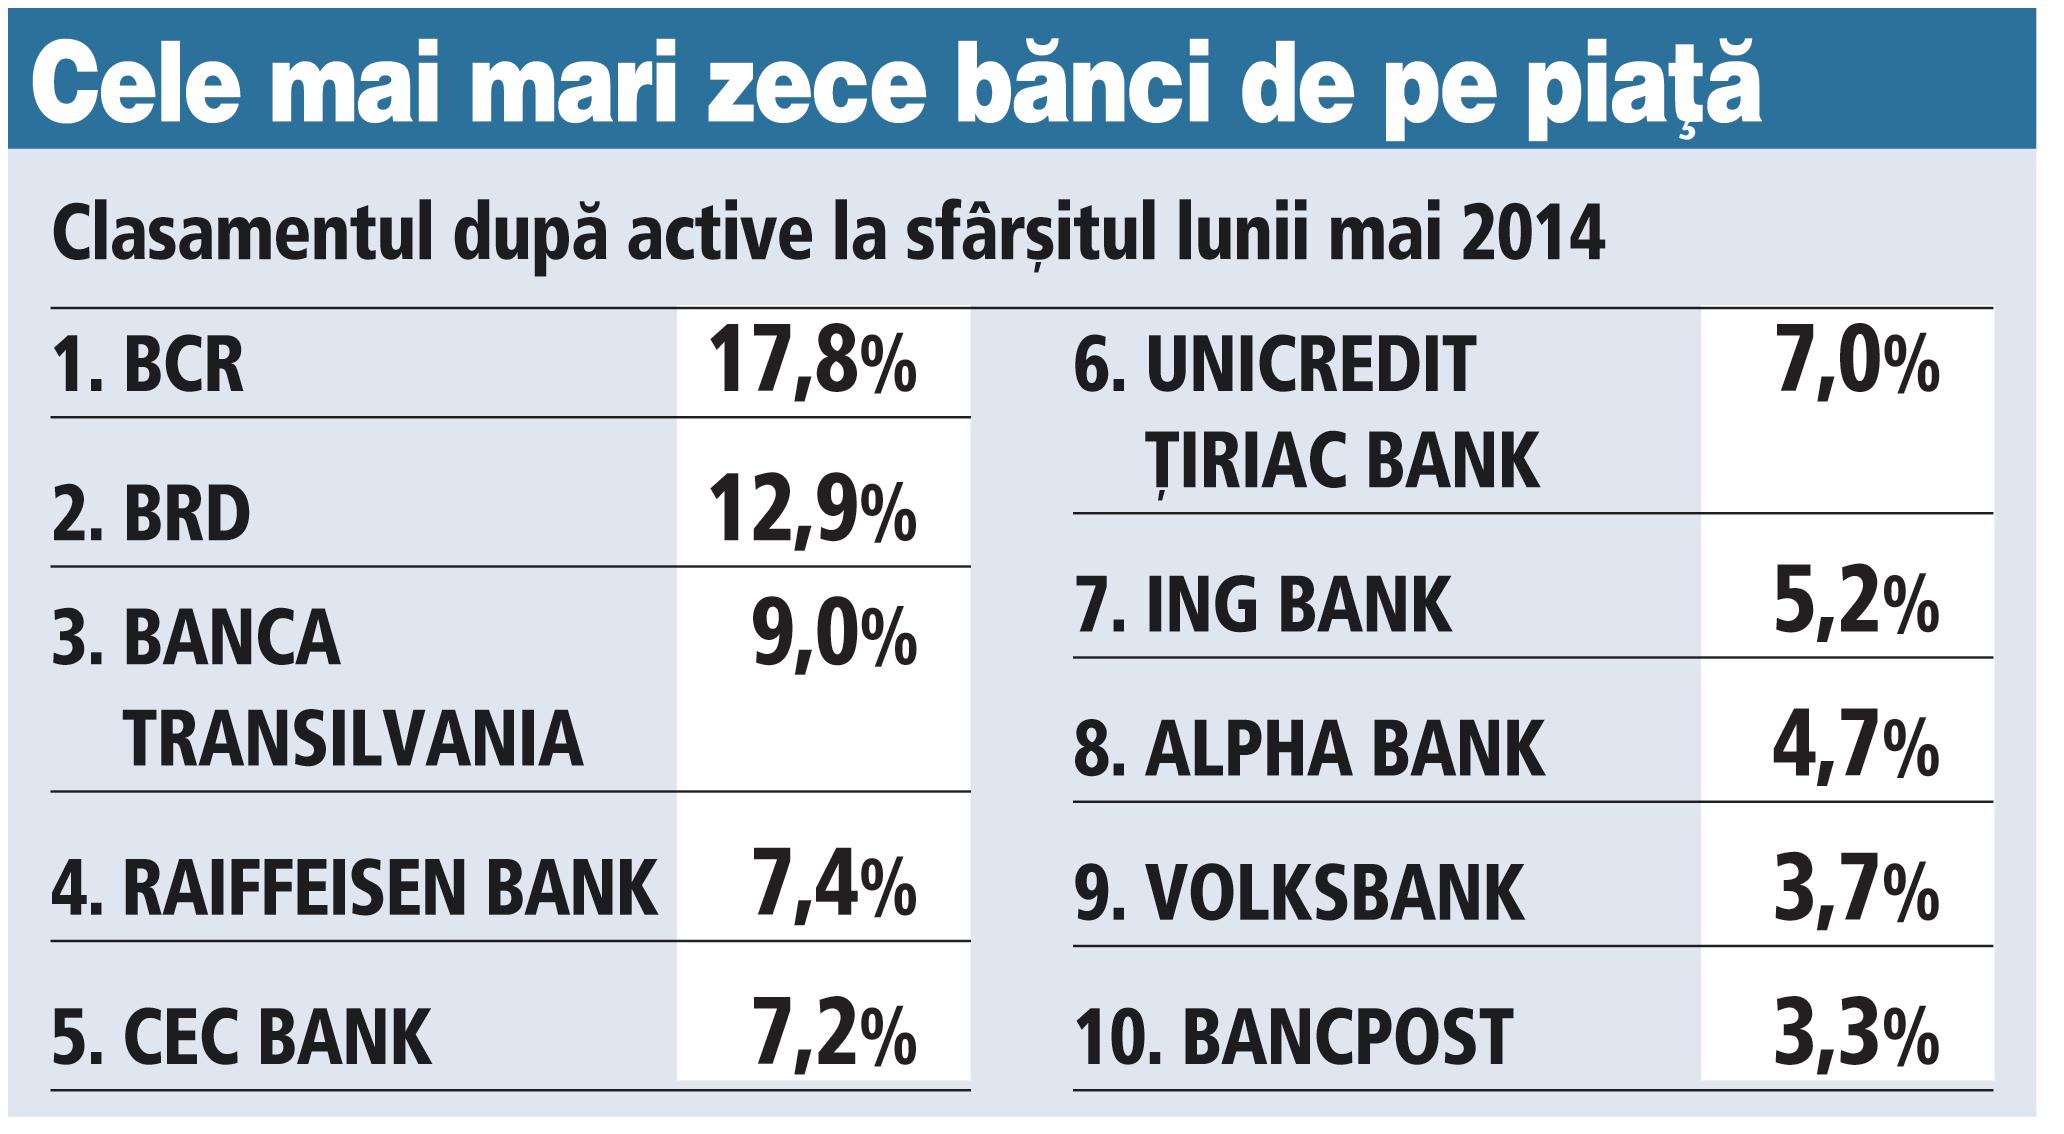 Cele mai mari zece bănci de pe piaţă (clasamentul după active la sfârşitul lunii mai 2014)